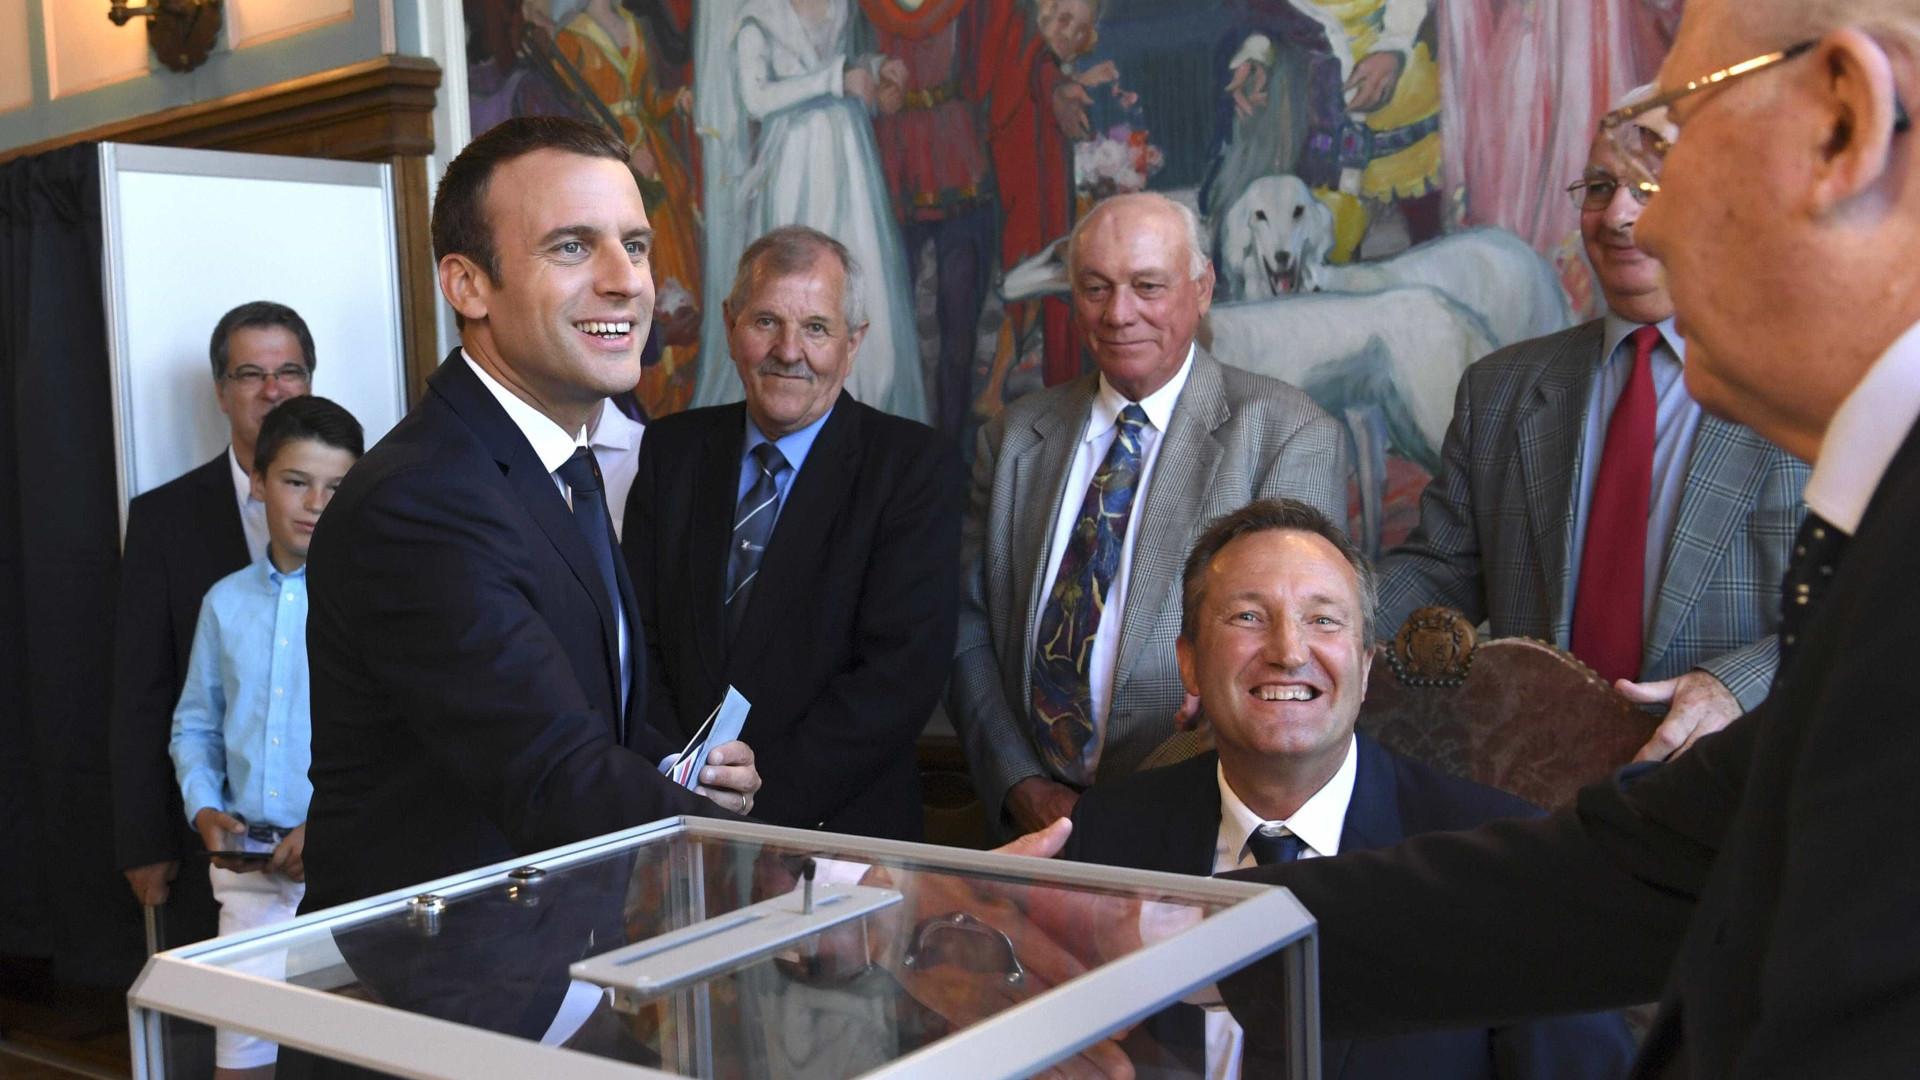 Partido de Macron conquista maioria absoluta nas eleições francesas